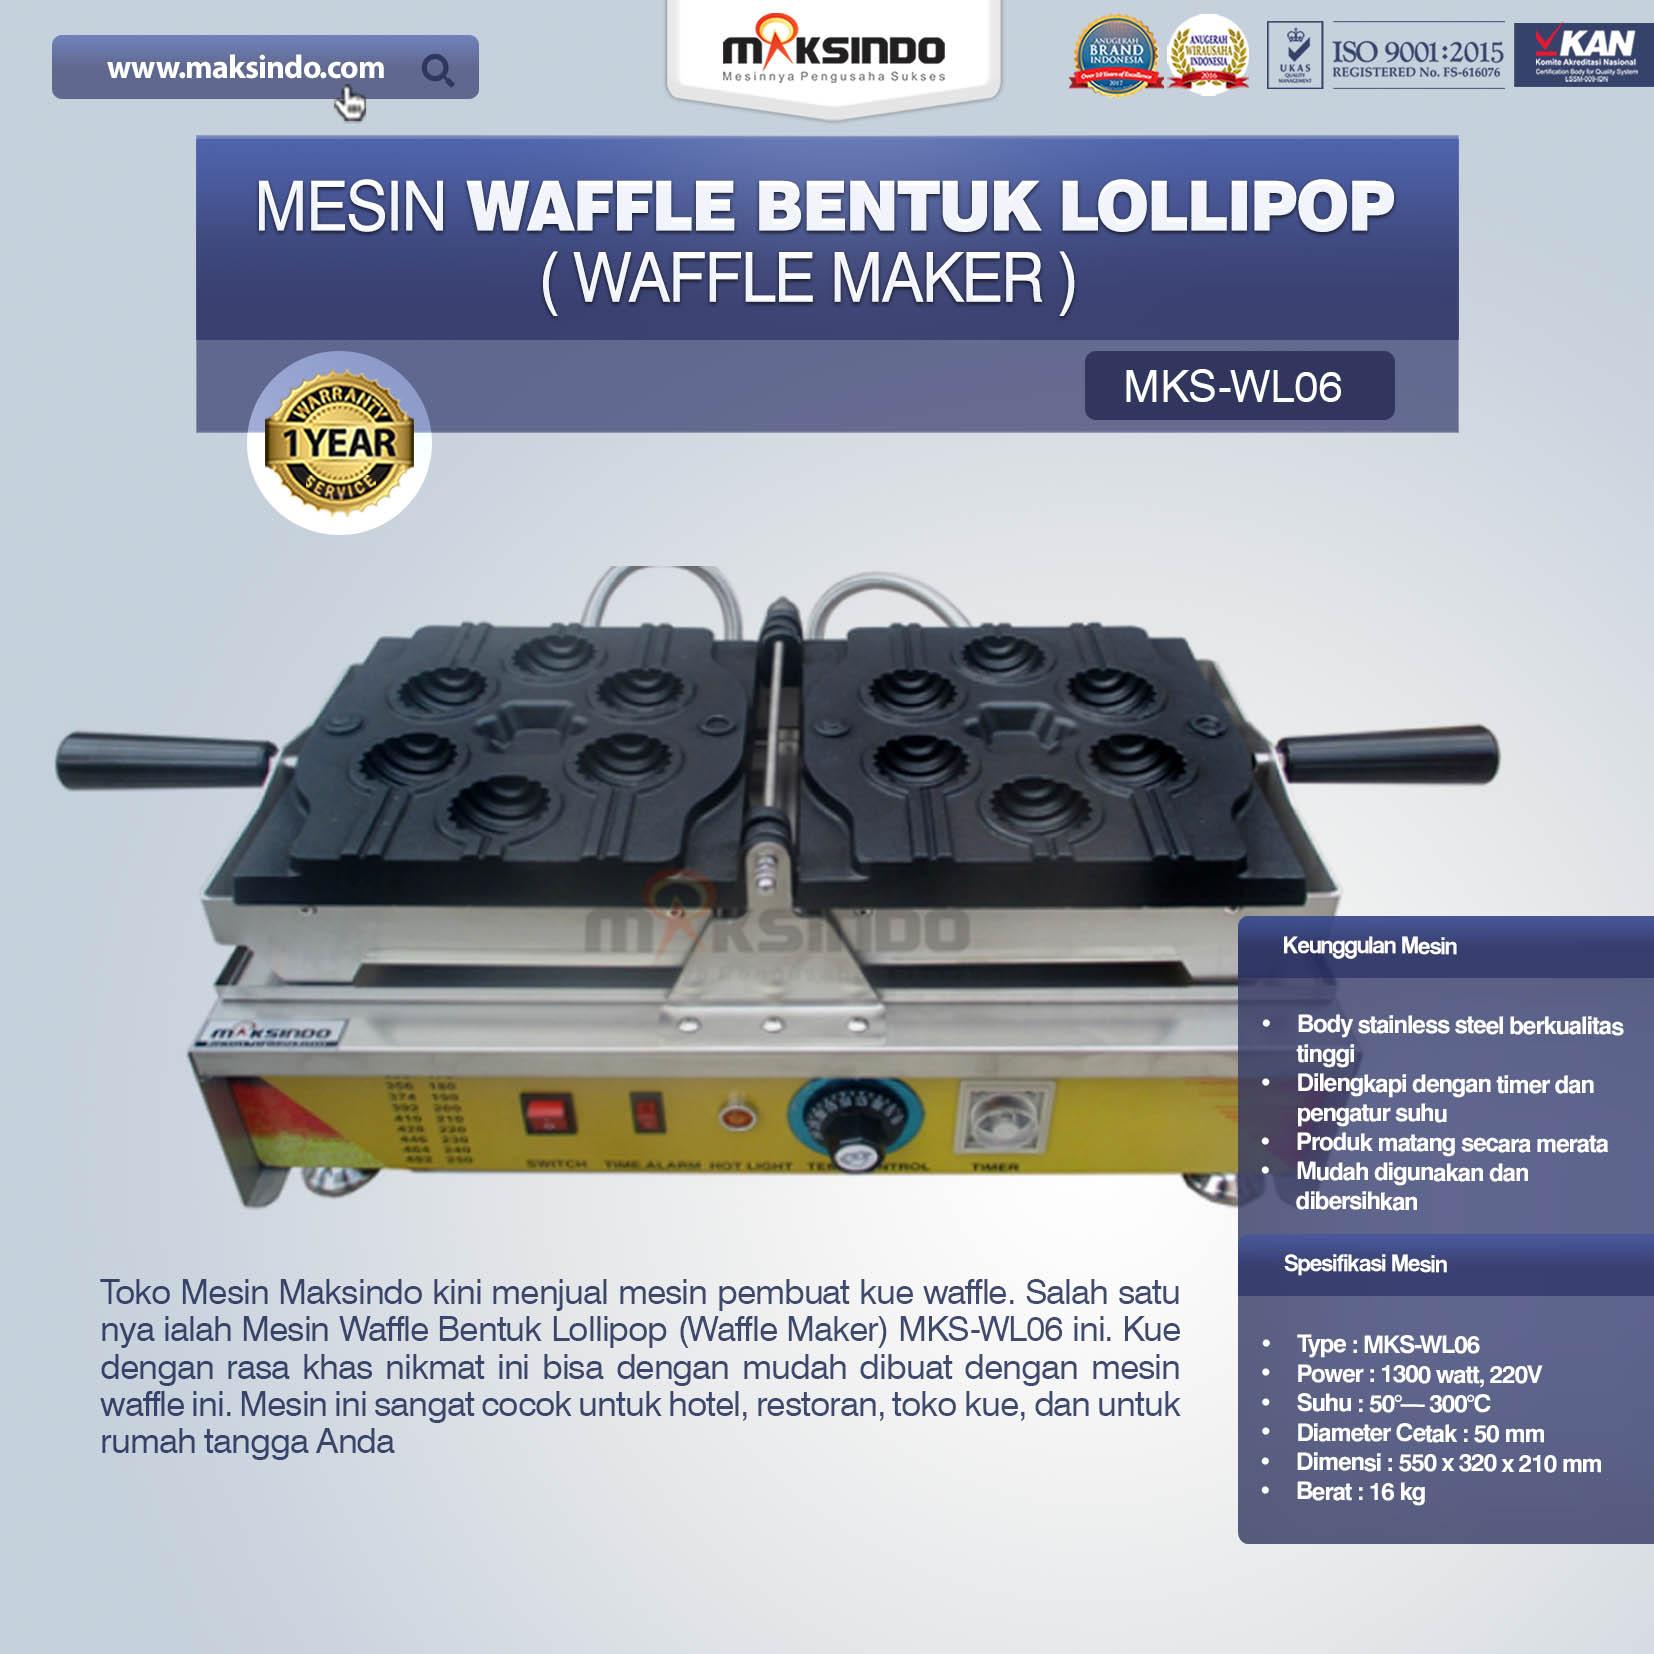 Jual Mesin Waffle Bentuk Lollipop (Waffle Maker) MKS-WL06 di Malang